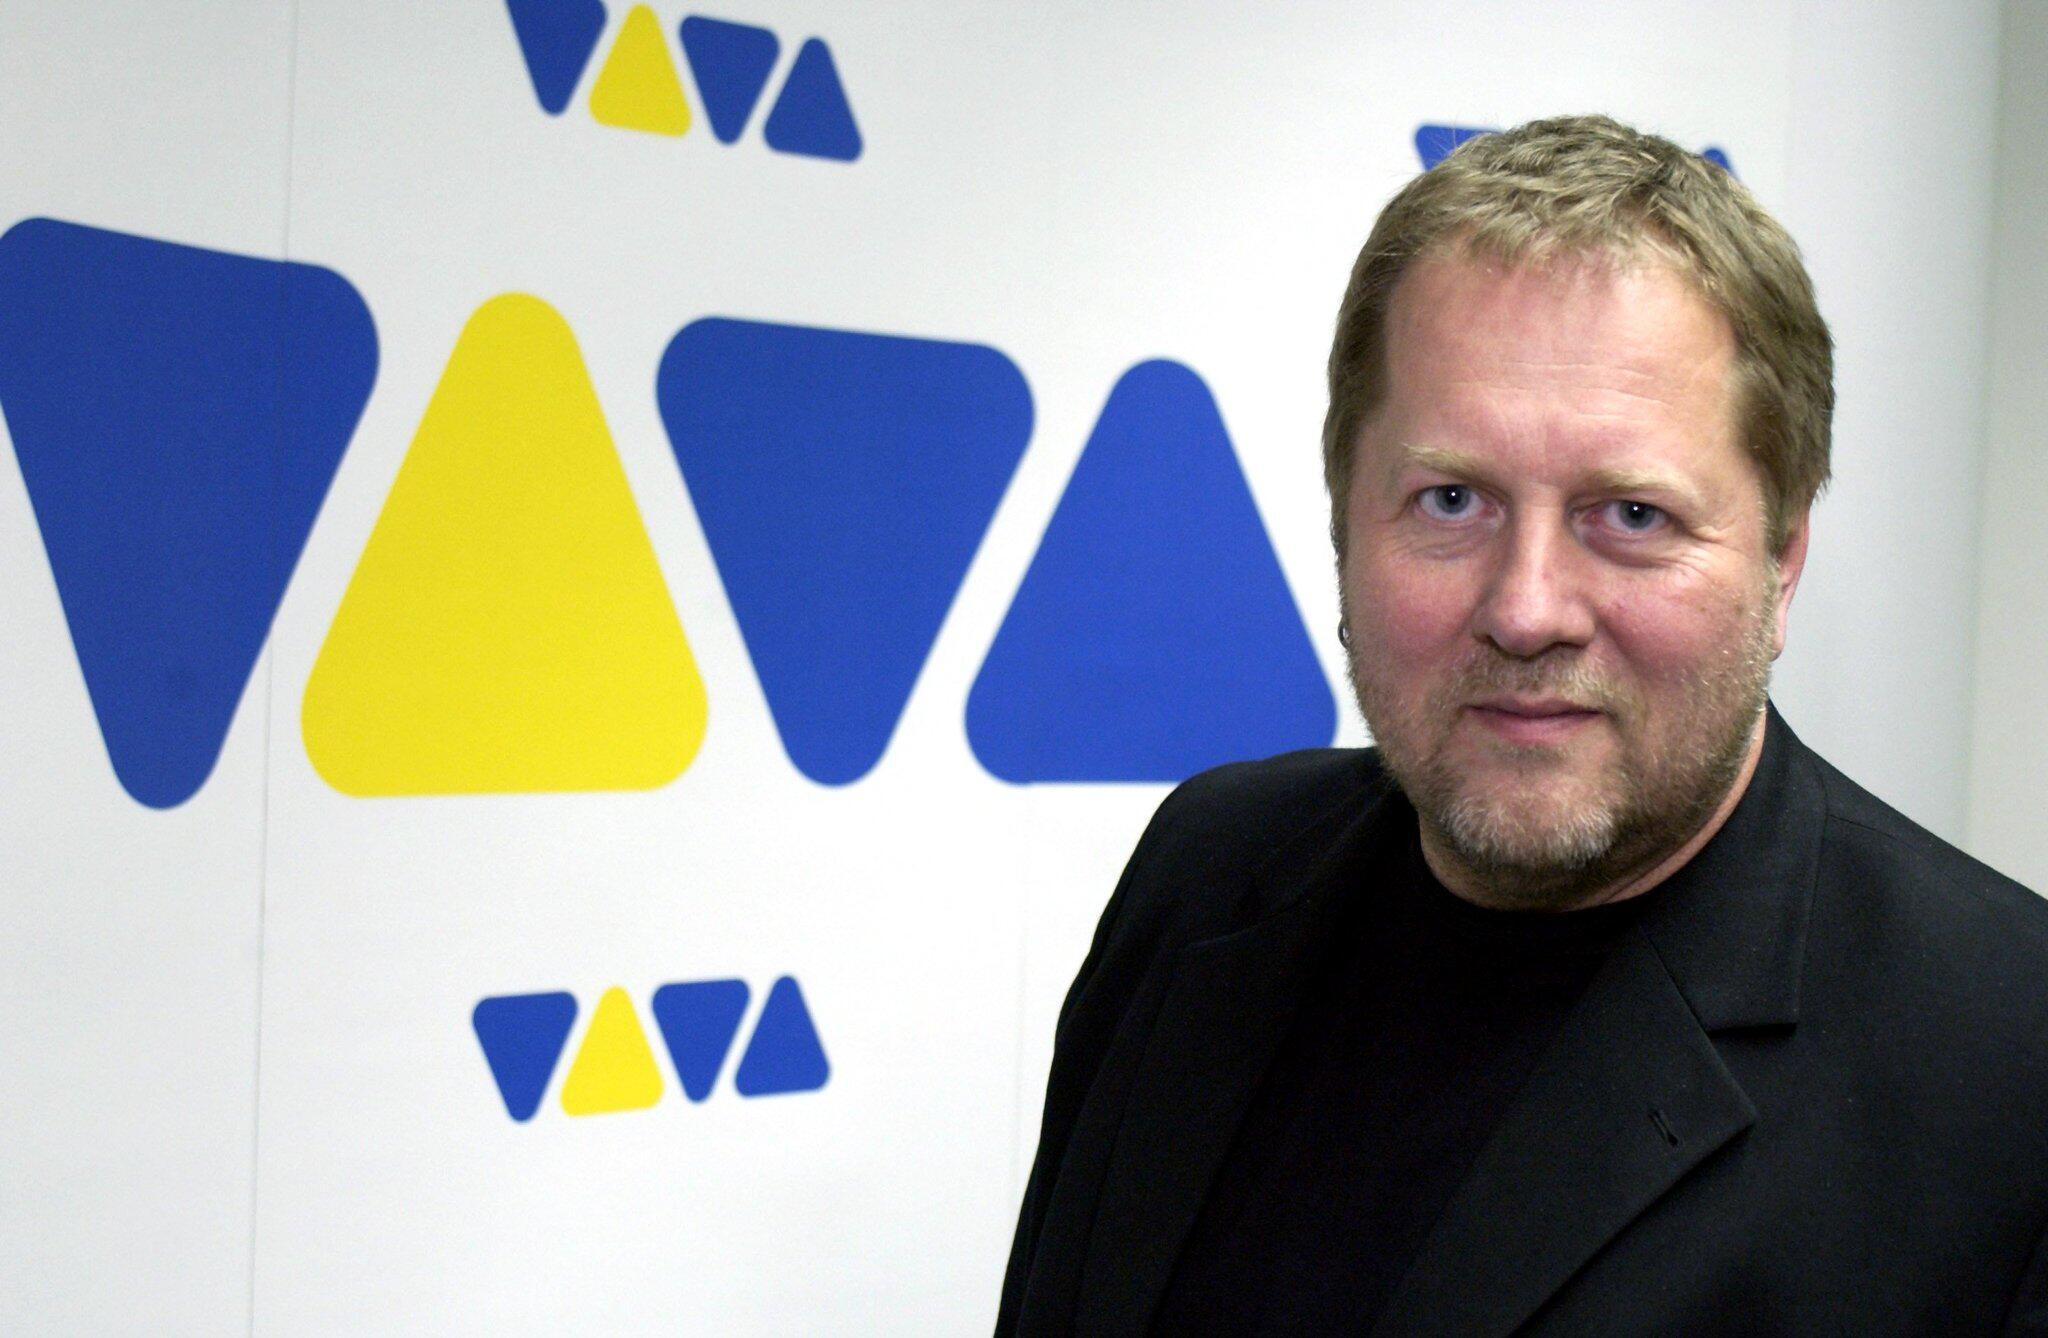 Bild zu Musiksender Viva wird an Silvester abgeschaltet